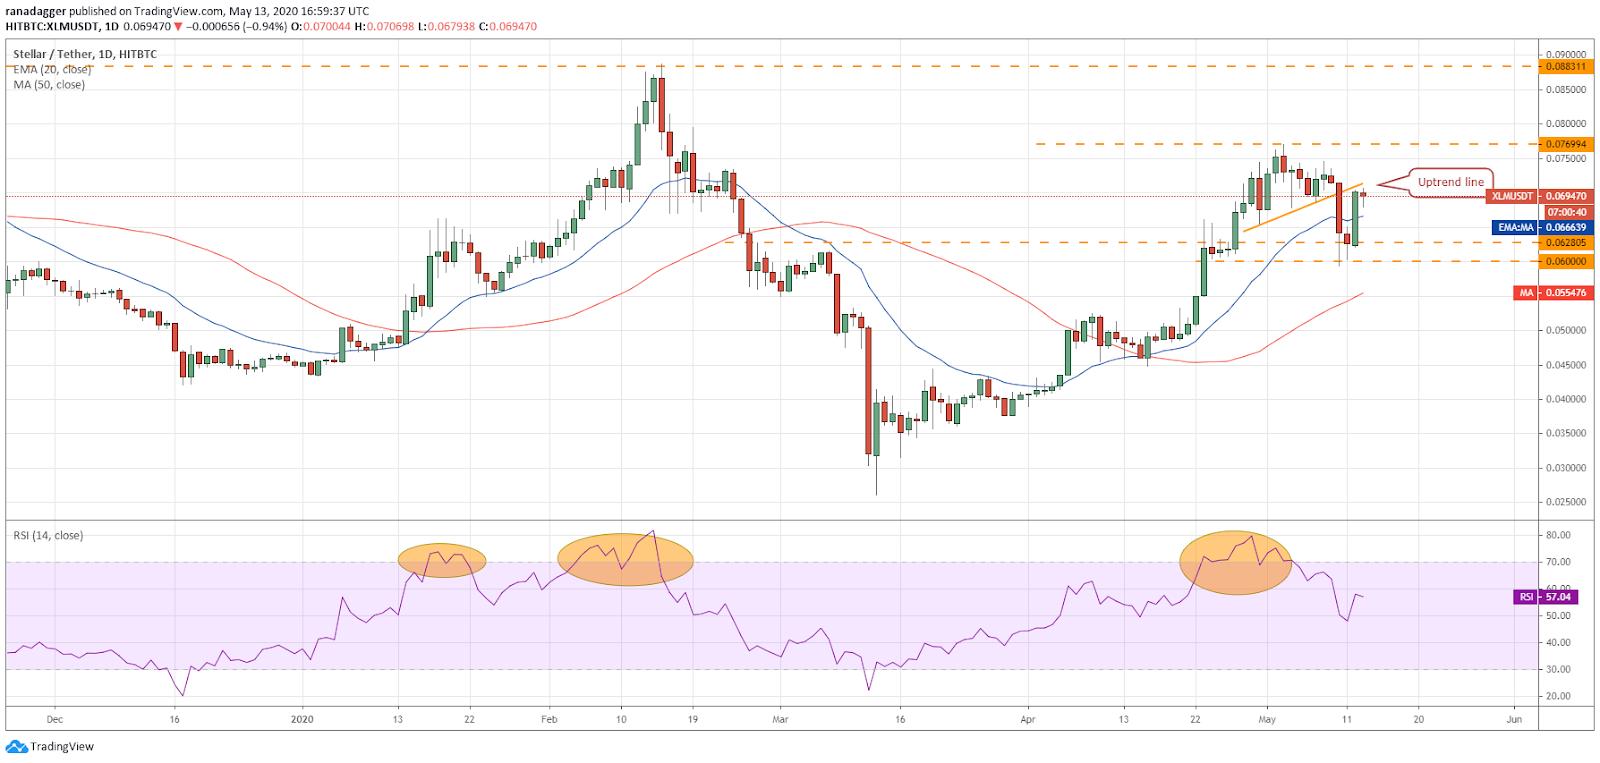 Gráfico diario de XLM/USD. Fuente: Tradingview